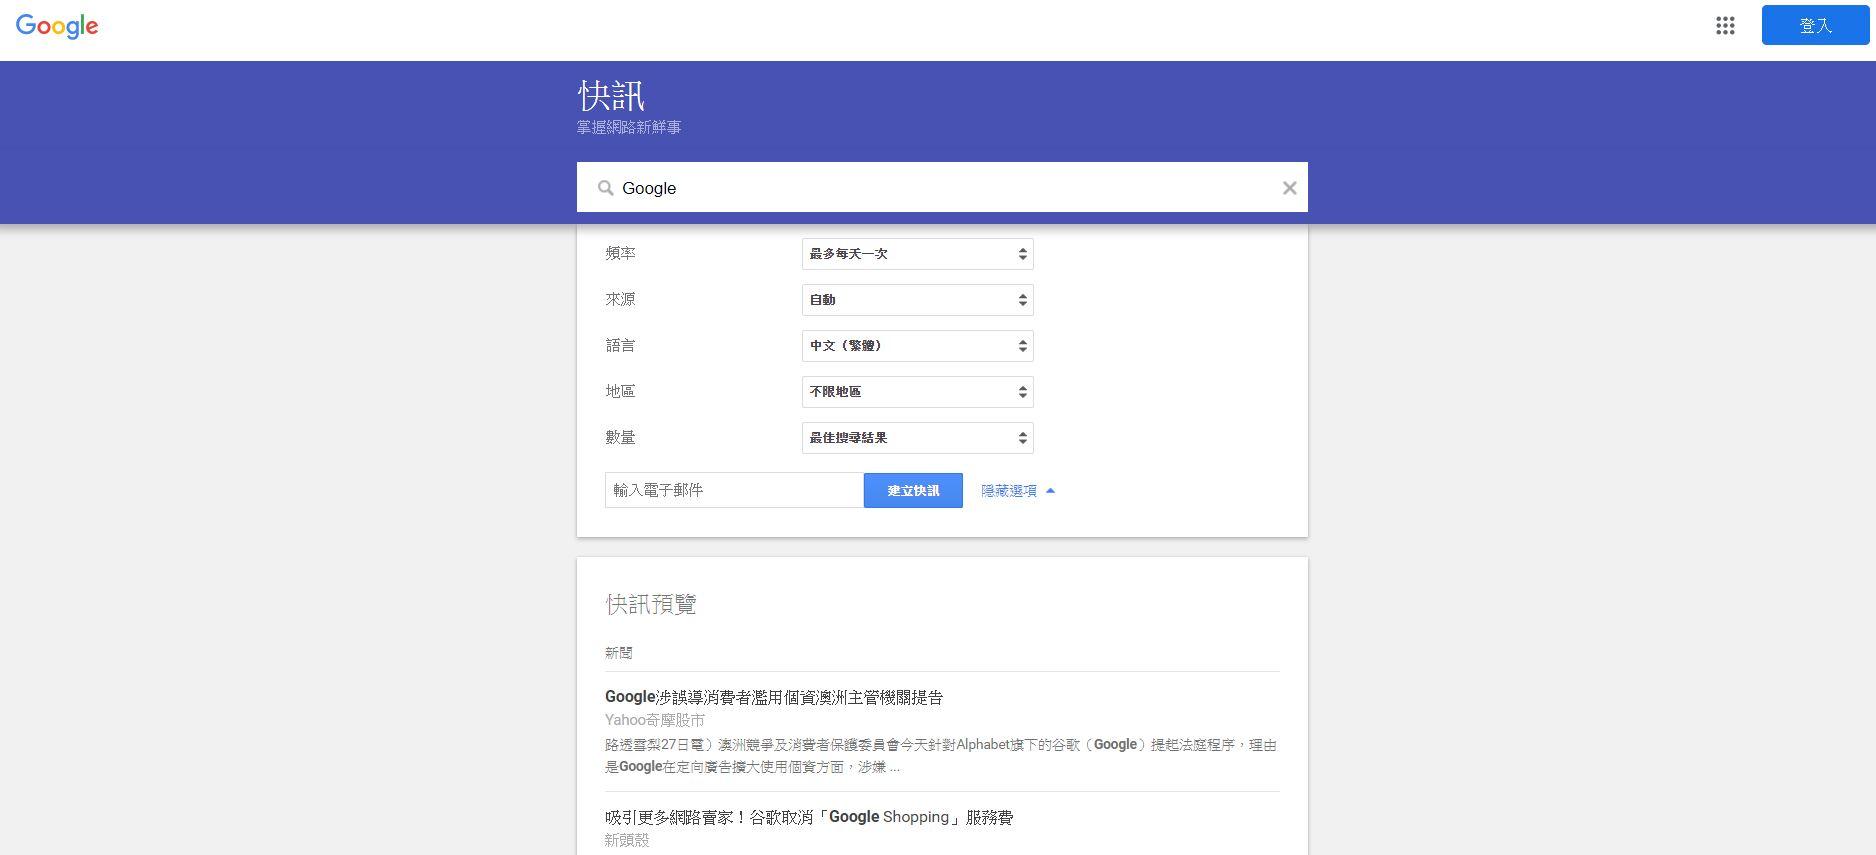 如何設定Google 快訊(Google Alerts)掌握特定關鍵字訊息?